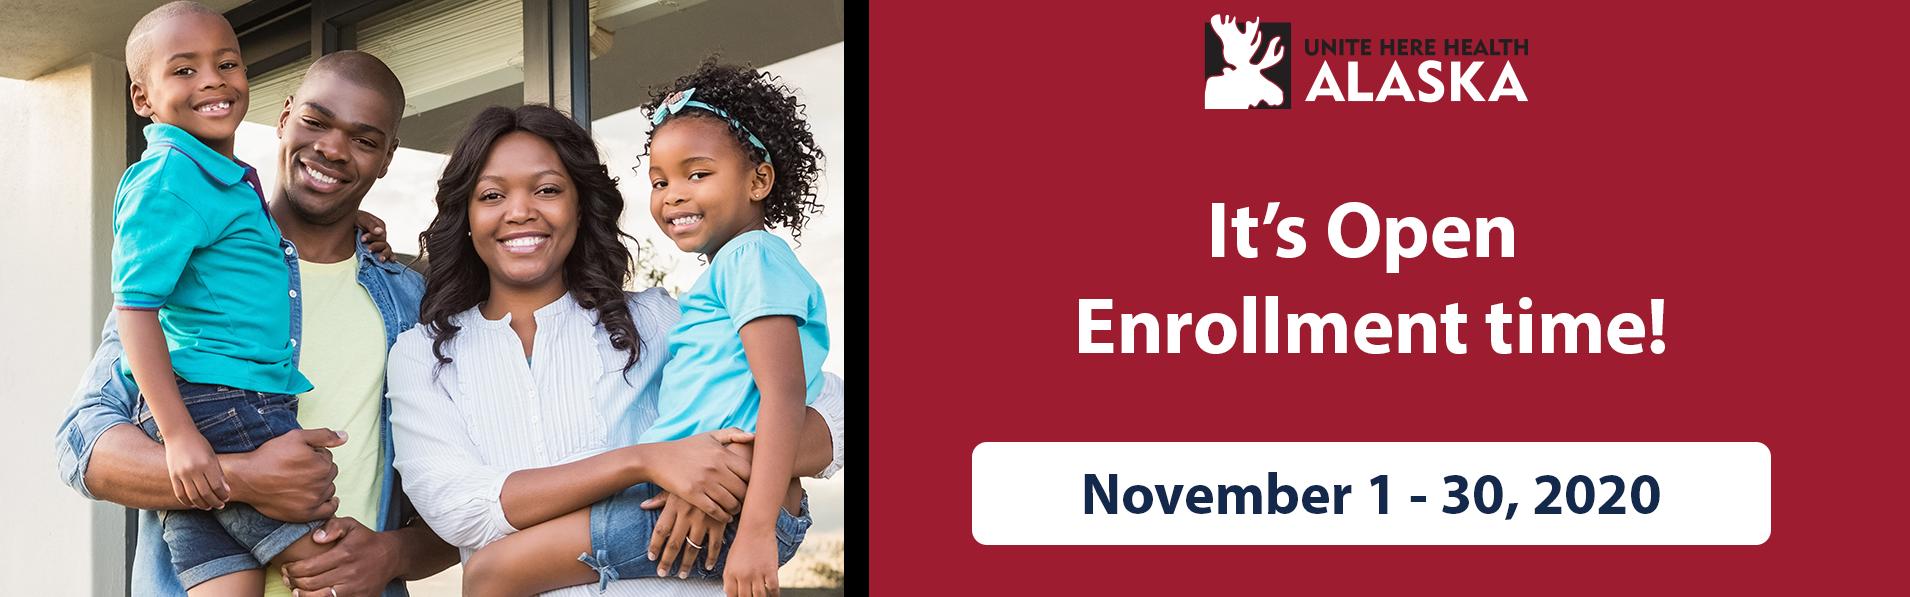 It's open enrollment time!